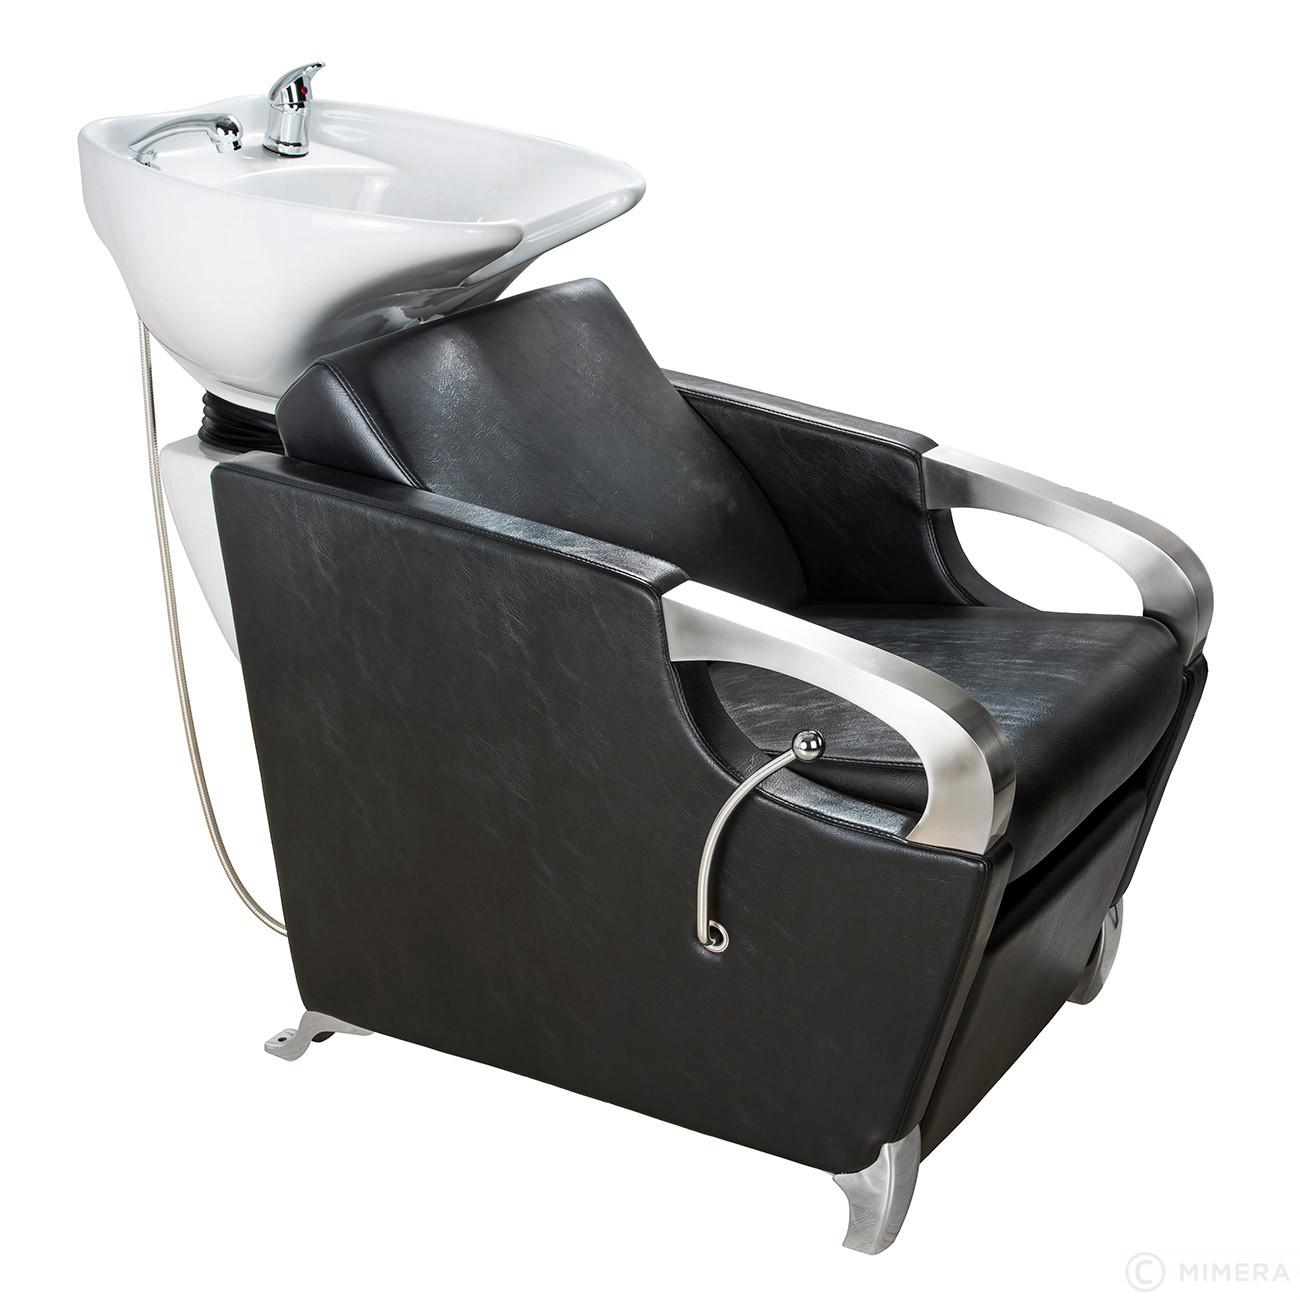 Kadernícky umývací box ATLAS biele umývadlo, matna čierna + Ragnar Galaxy - strihací strojček